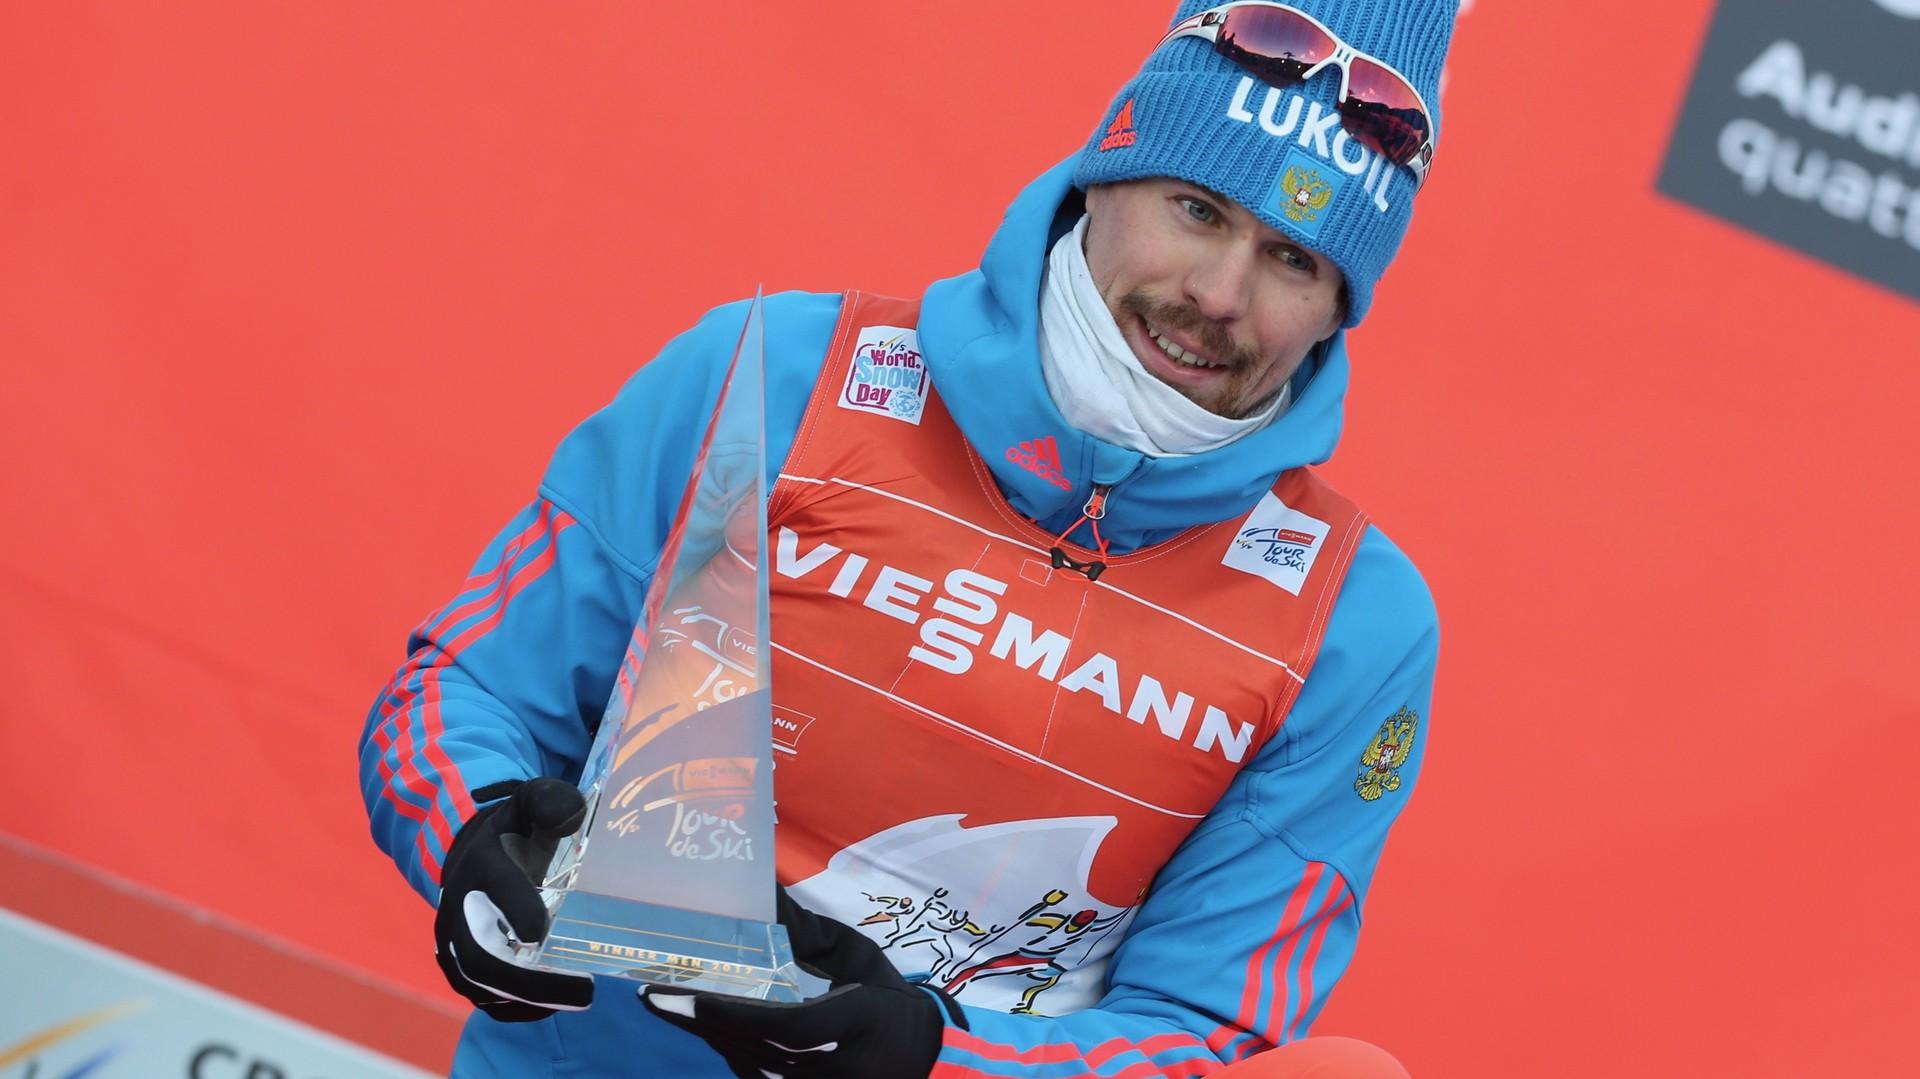 Царь горы: Устюгов выиграл престижную лыжную многодневную гонку «Тур де Ски»